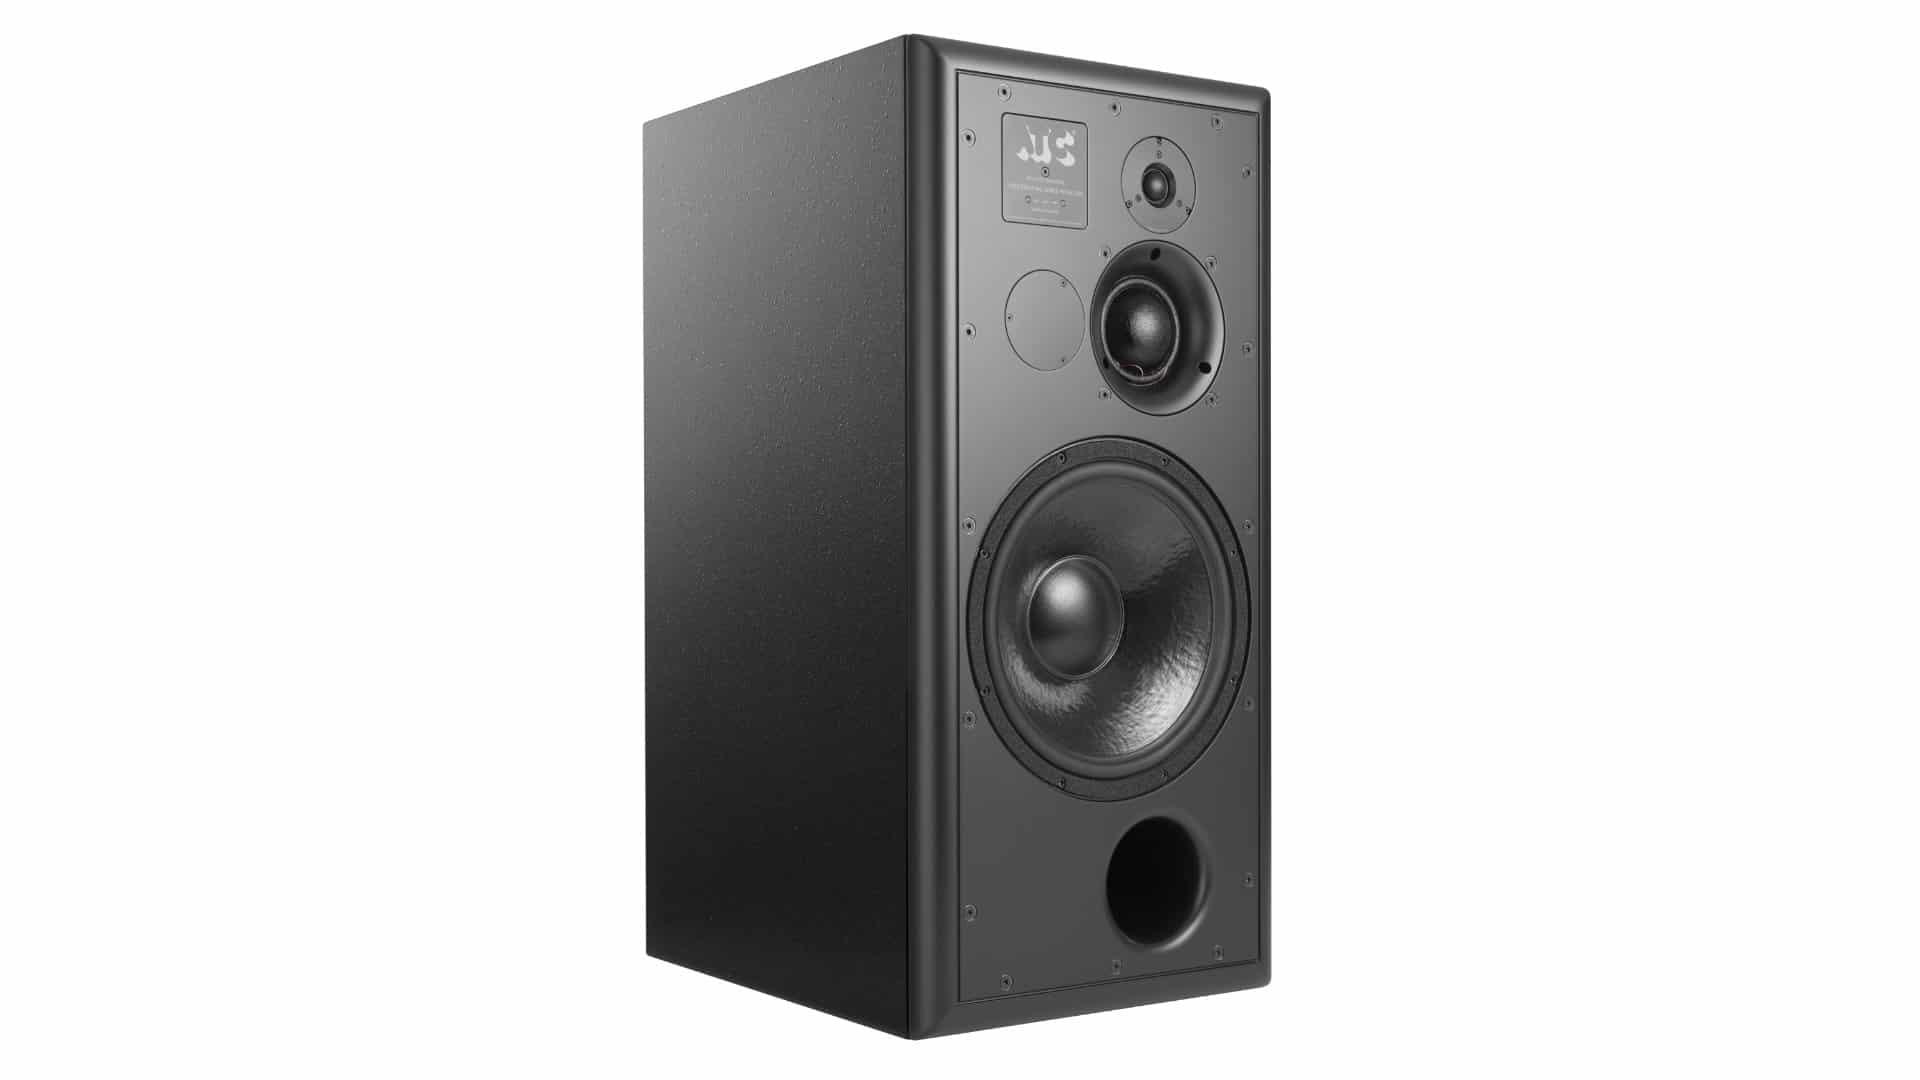 Monitor studyjny średniego pola ATC Loudspeakers SCM100A Pro